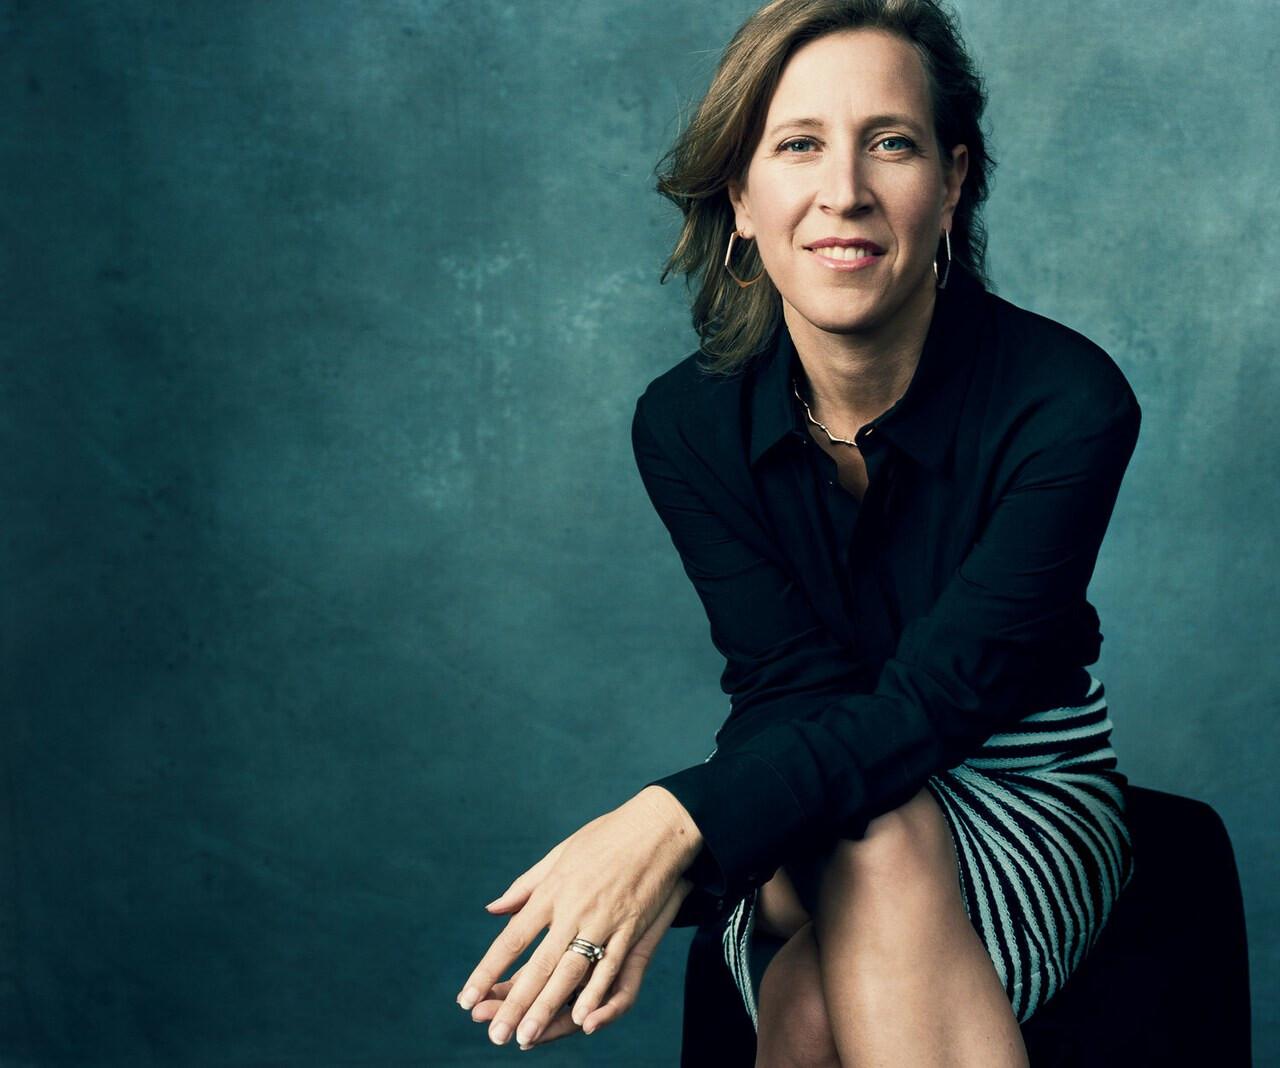 Susan-Wojcicki-10-mulheres-mais-influentes-do-mundo